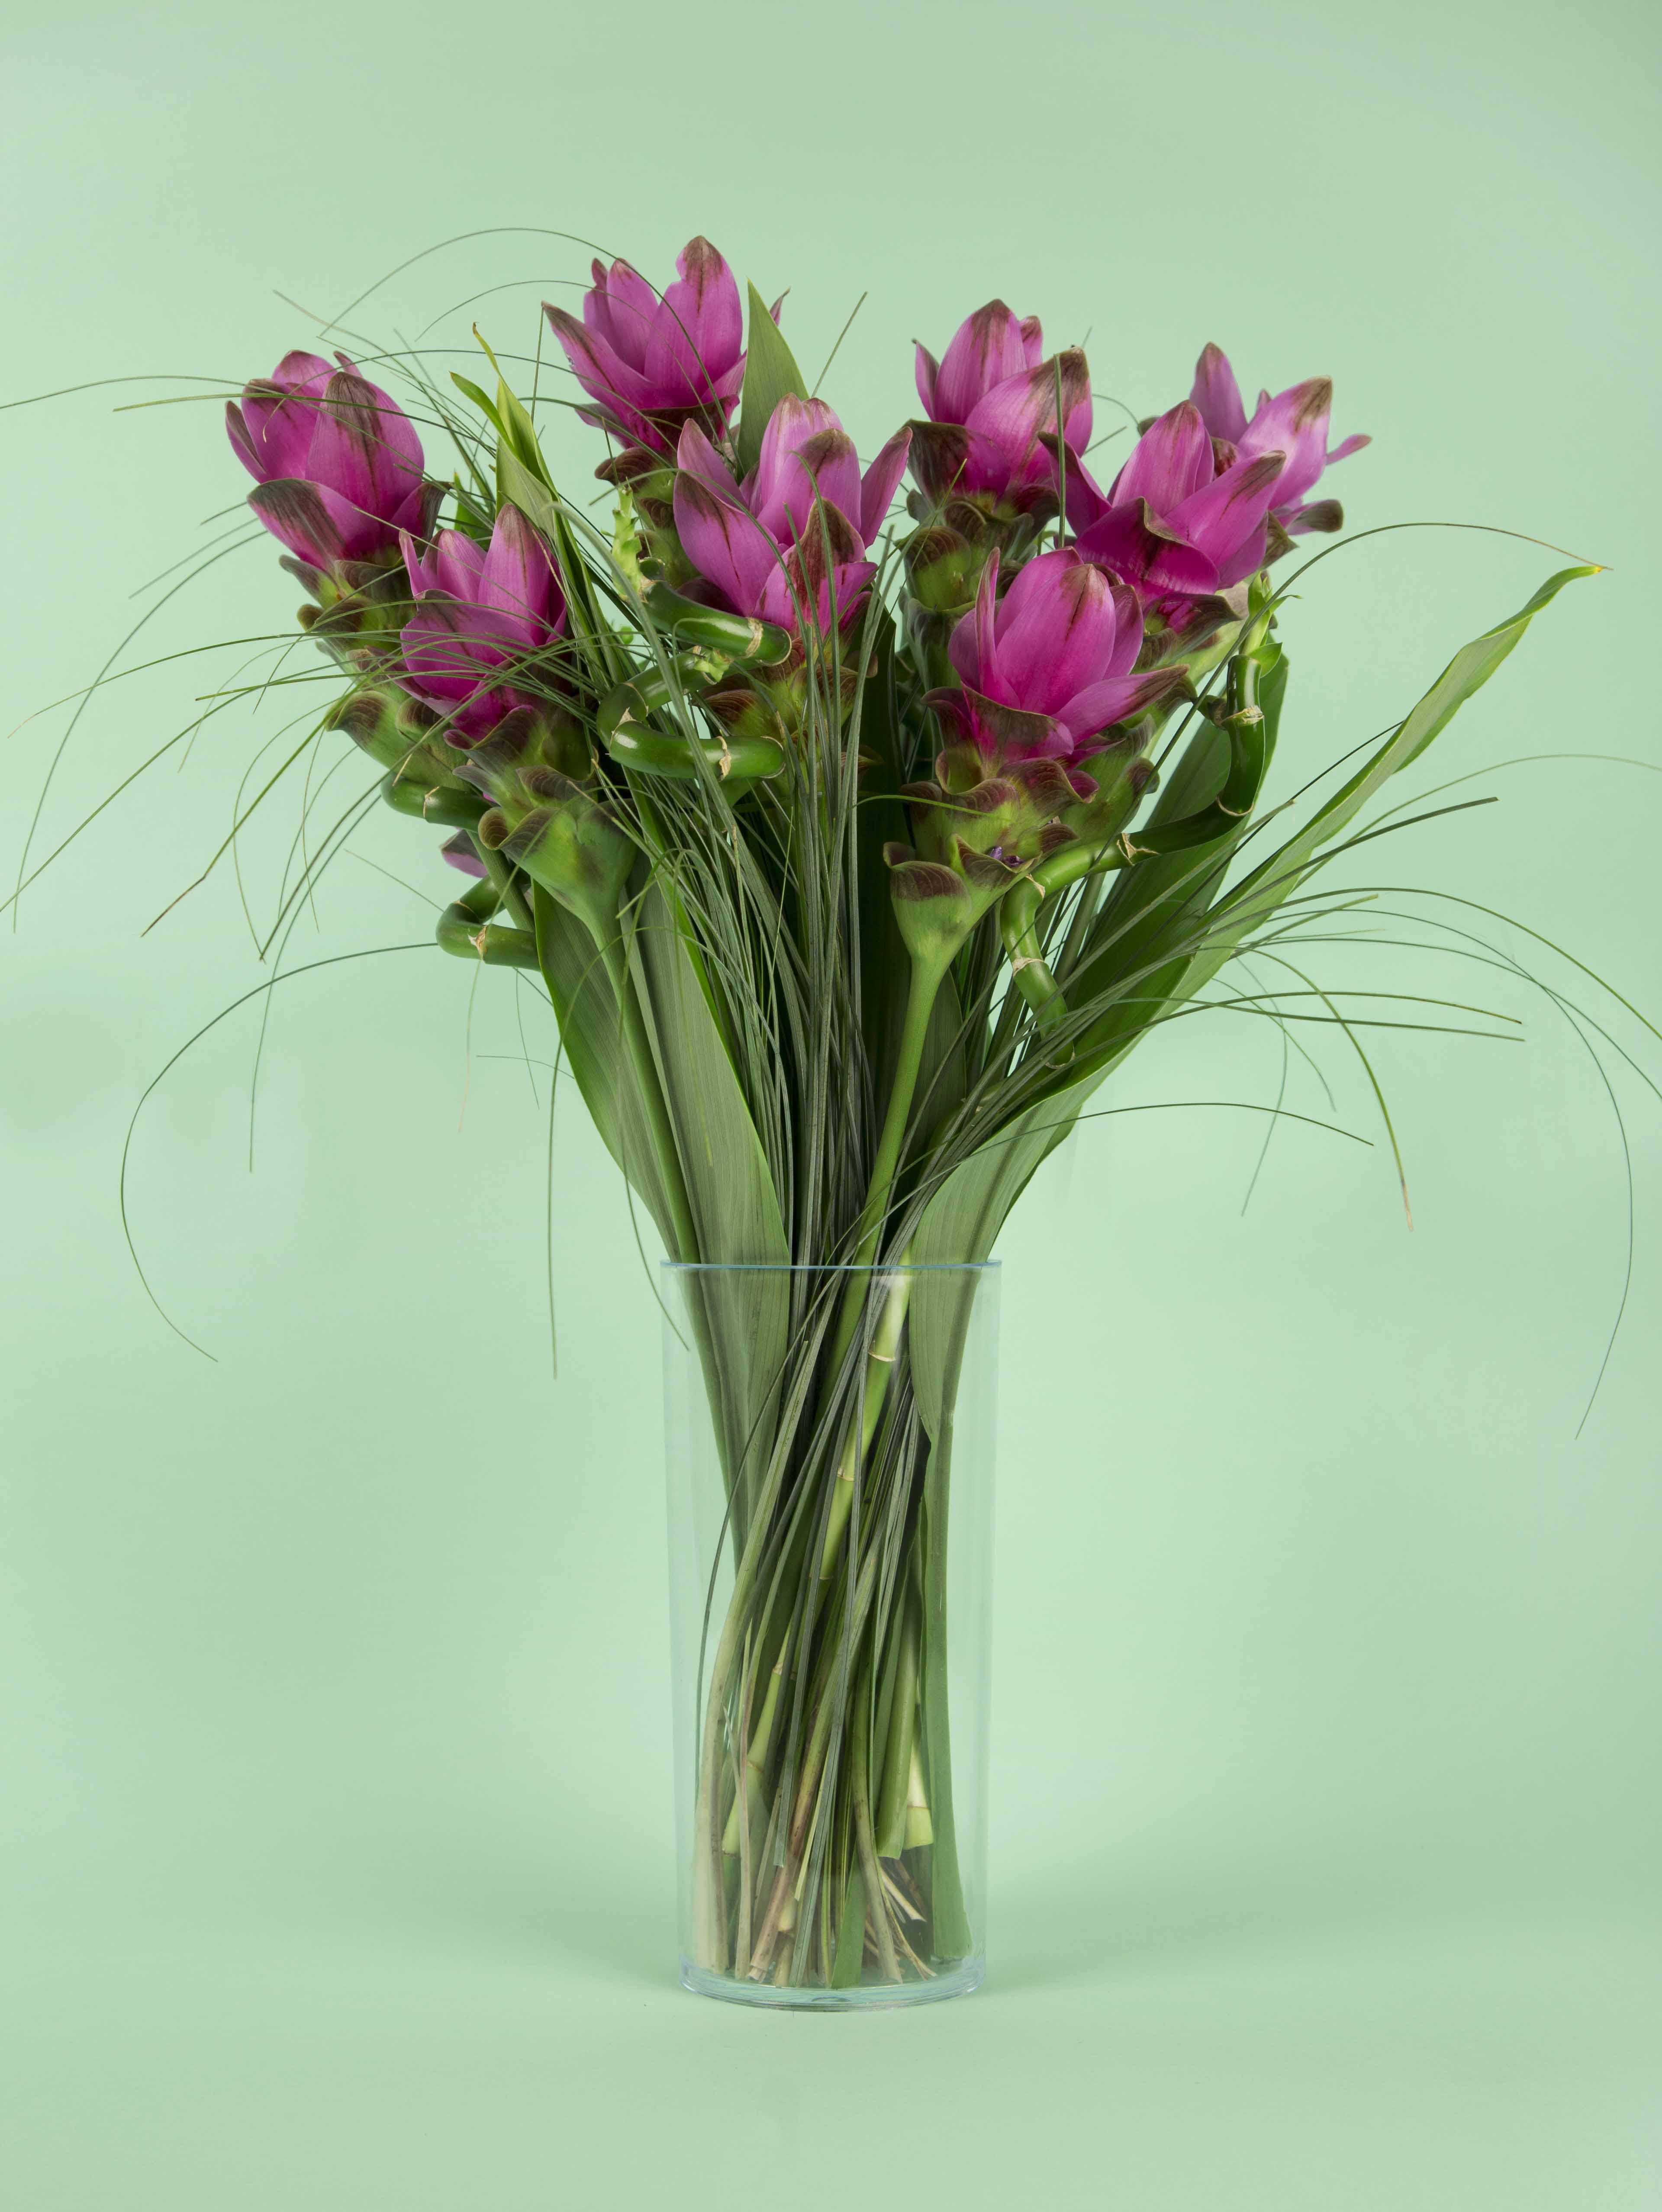 Bouquets de fleurs mauves - Lucky curcuma